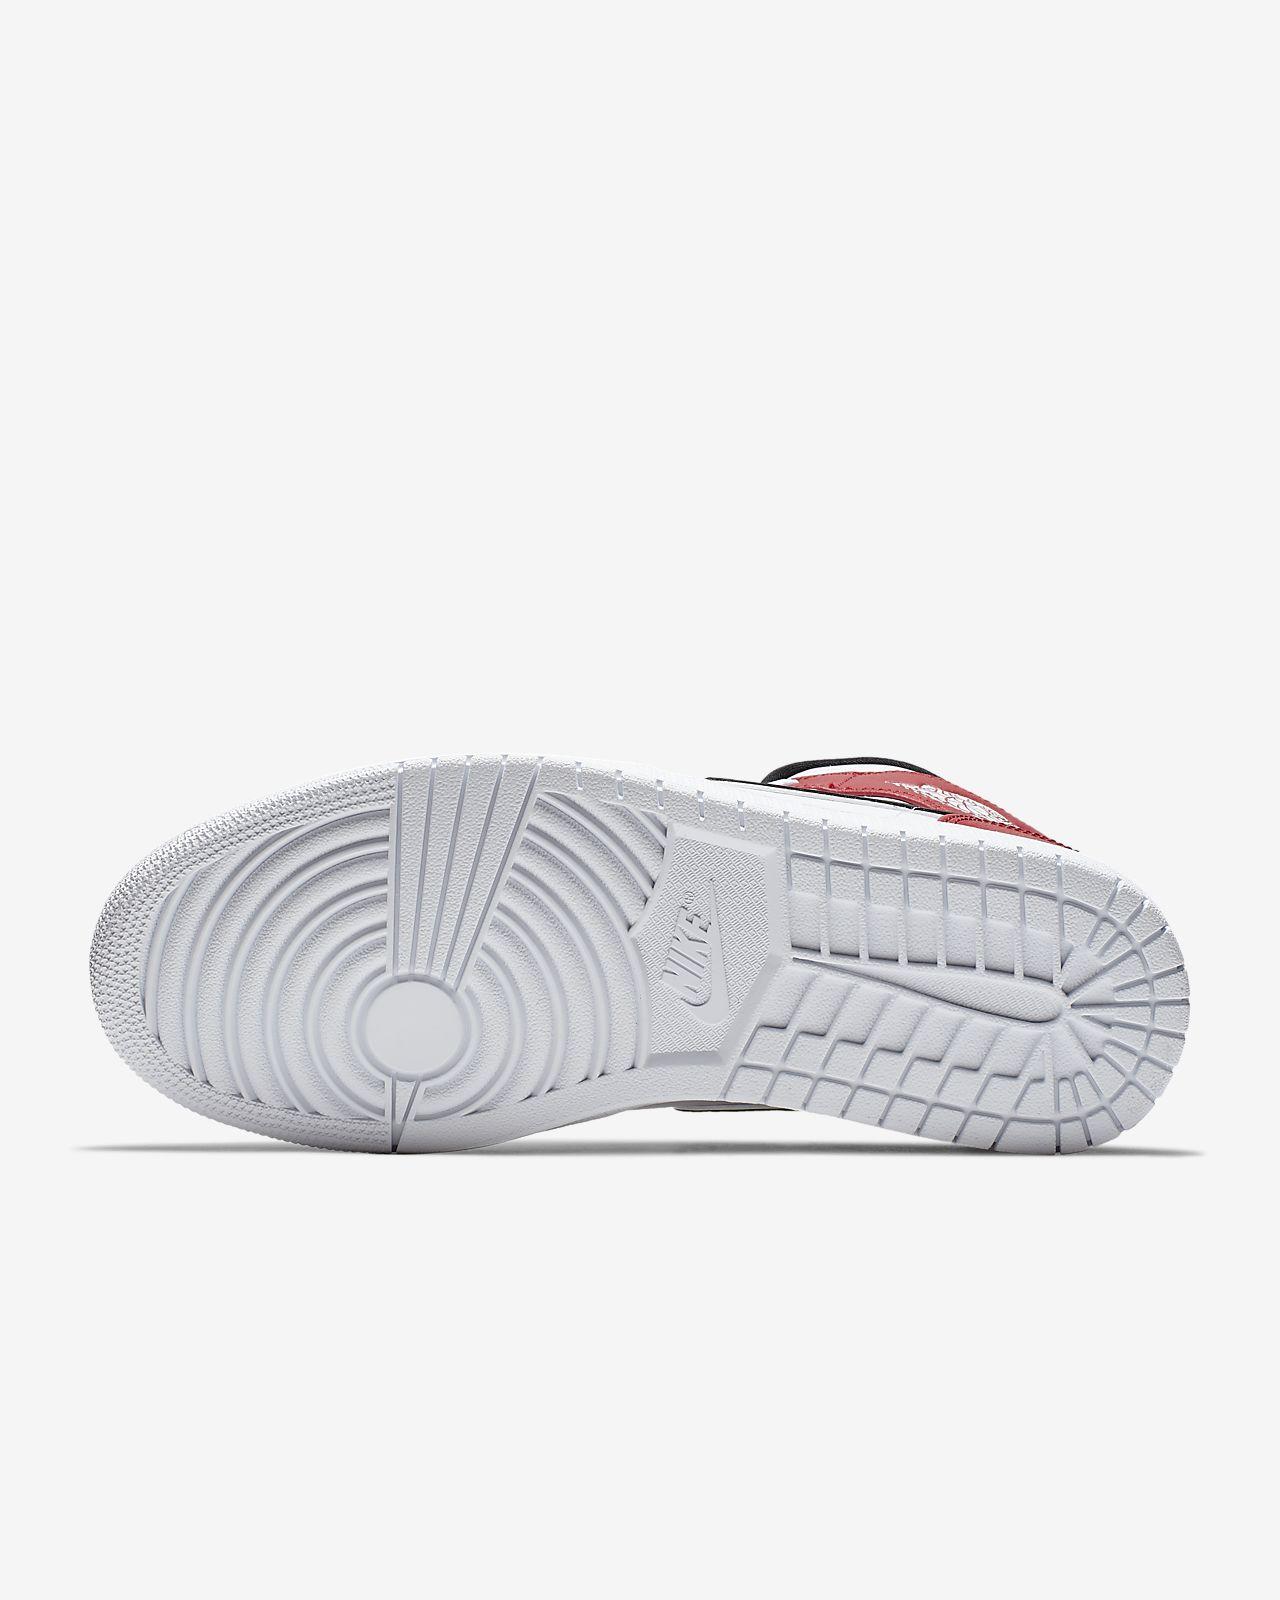 wholesale dealer 846f8 897a6 ... Chaussure Air Jordan 1 Mid pour Homme